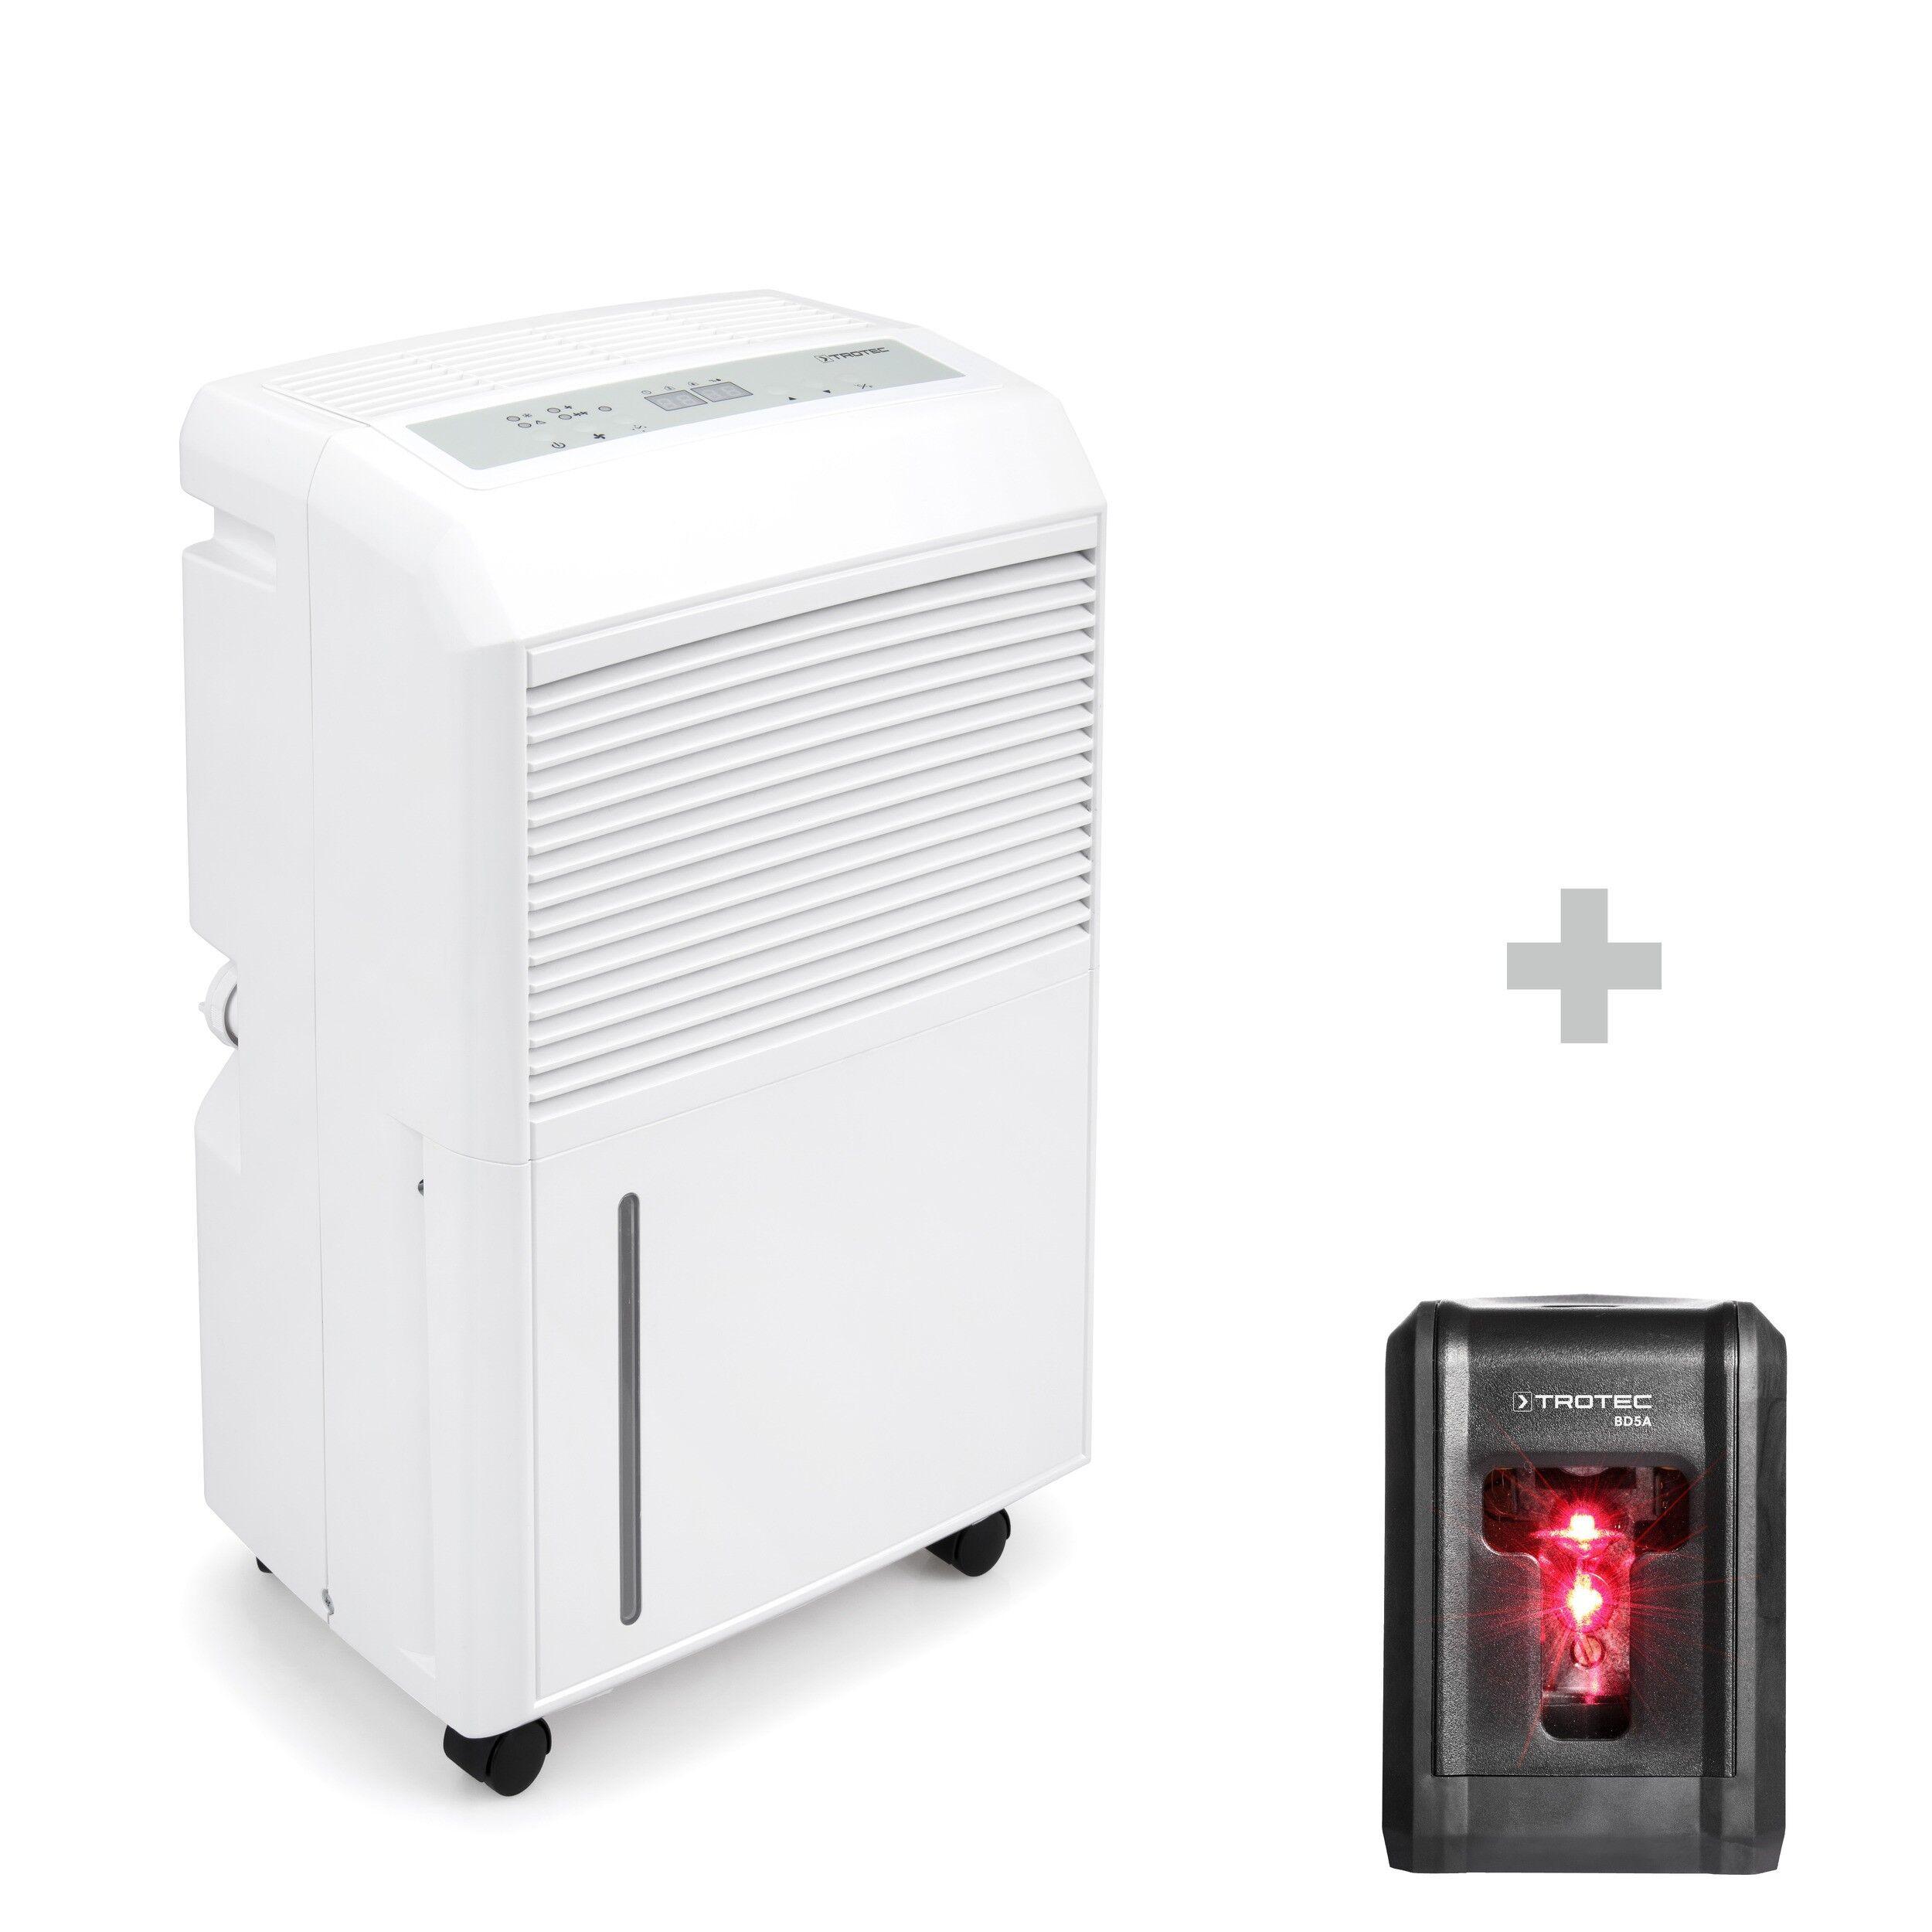 trotec deumidificatore ttk 90 e + livella laser bd5a